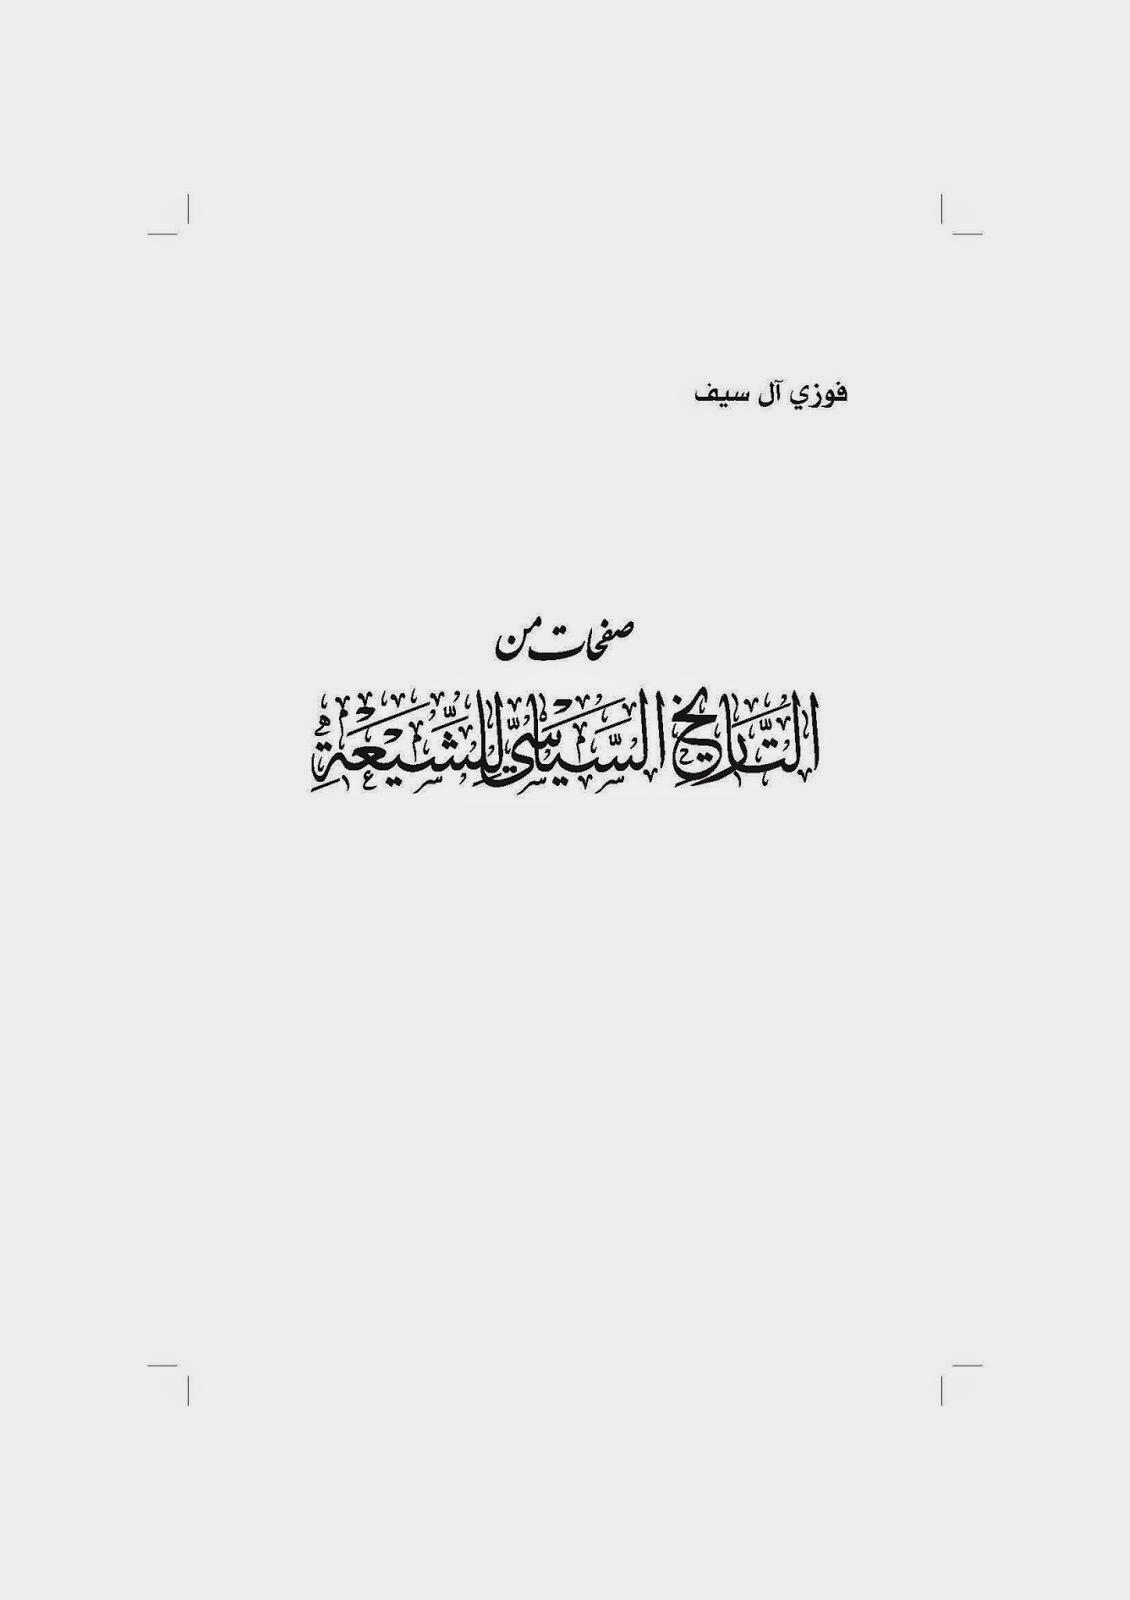 حمل كتاب صفحات من التاريخ السياسي للشيعة لـ فوزي آل سيف